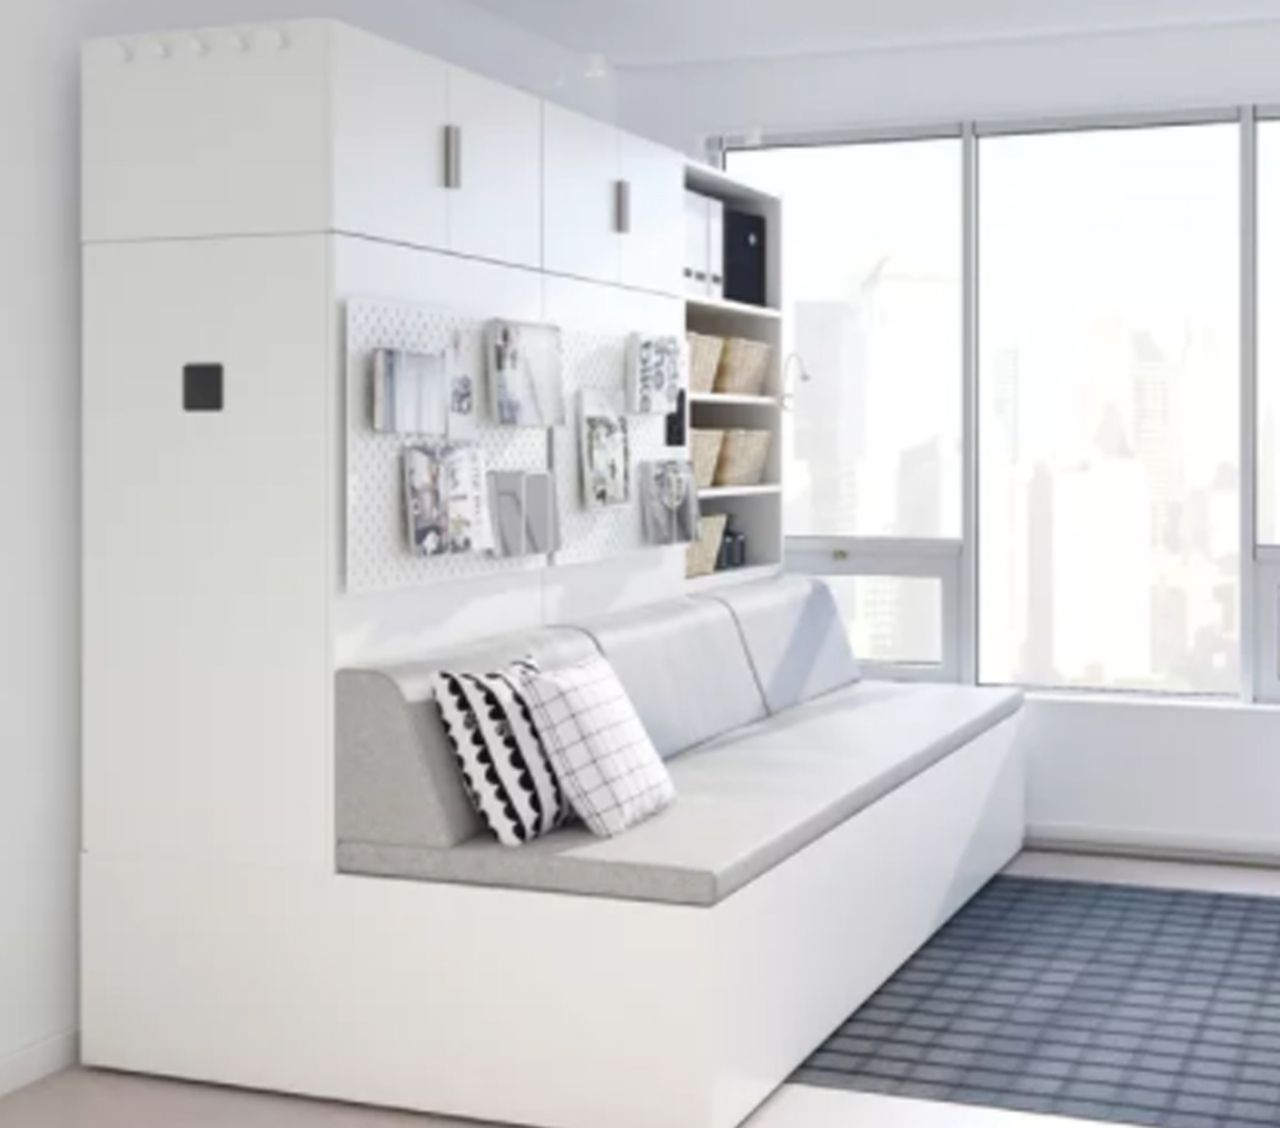 Lit Escamotable Ikea Bonjour Je Vois Qu Ikea Ne Vend Pas En Electromenager De Hottes Escamotables